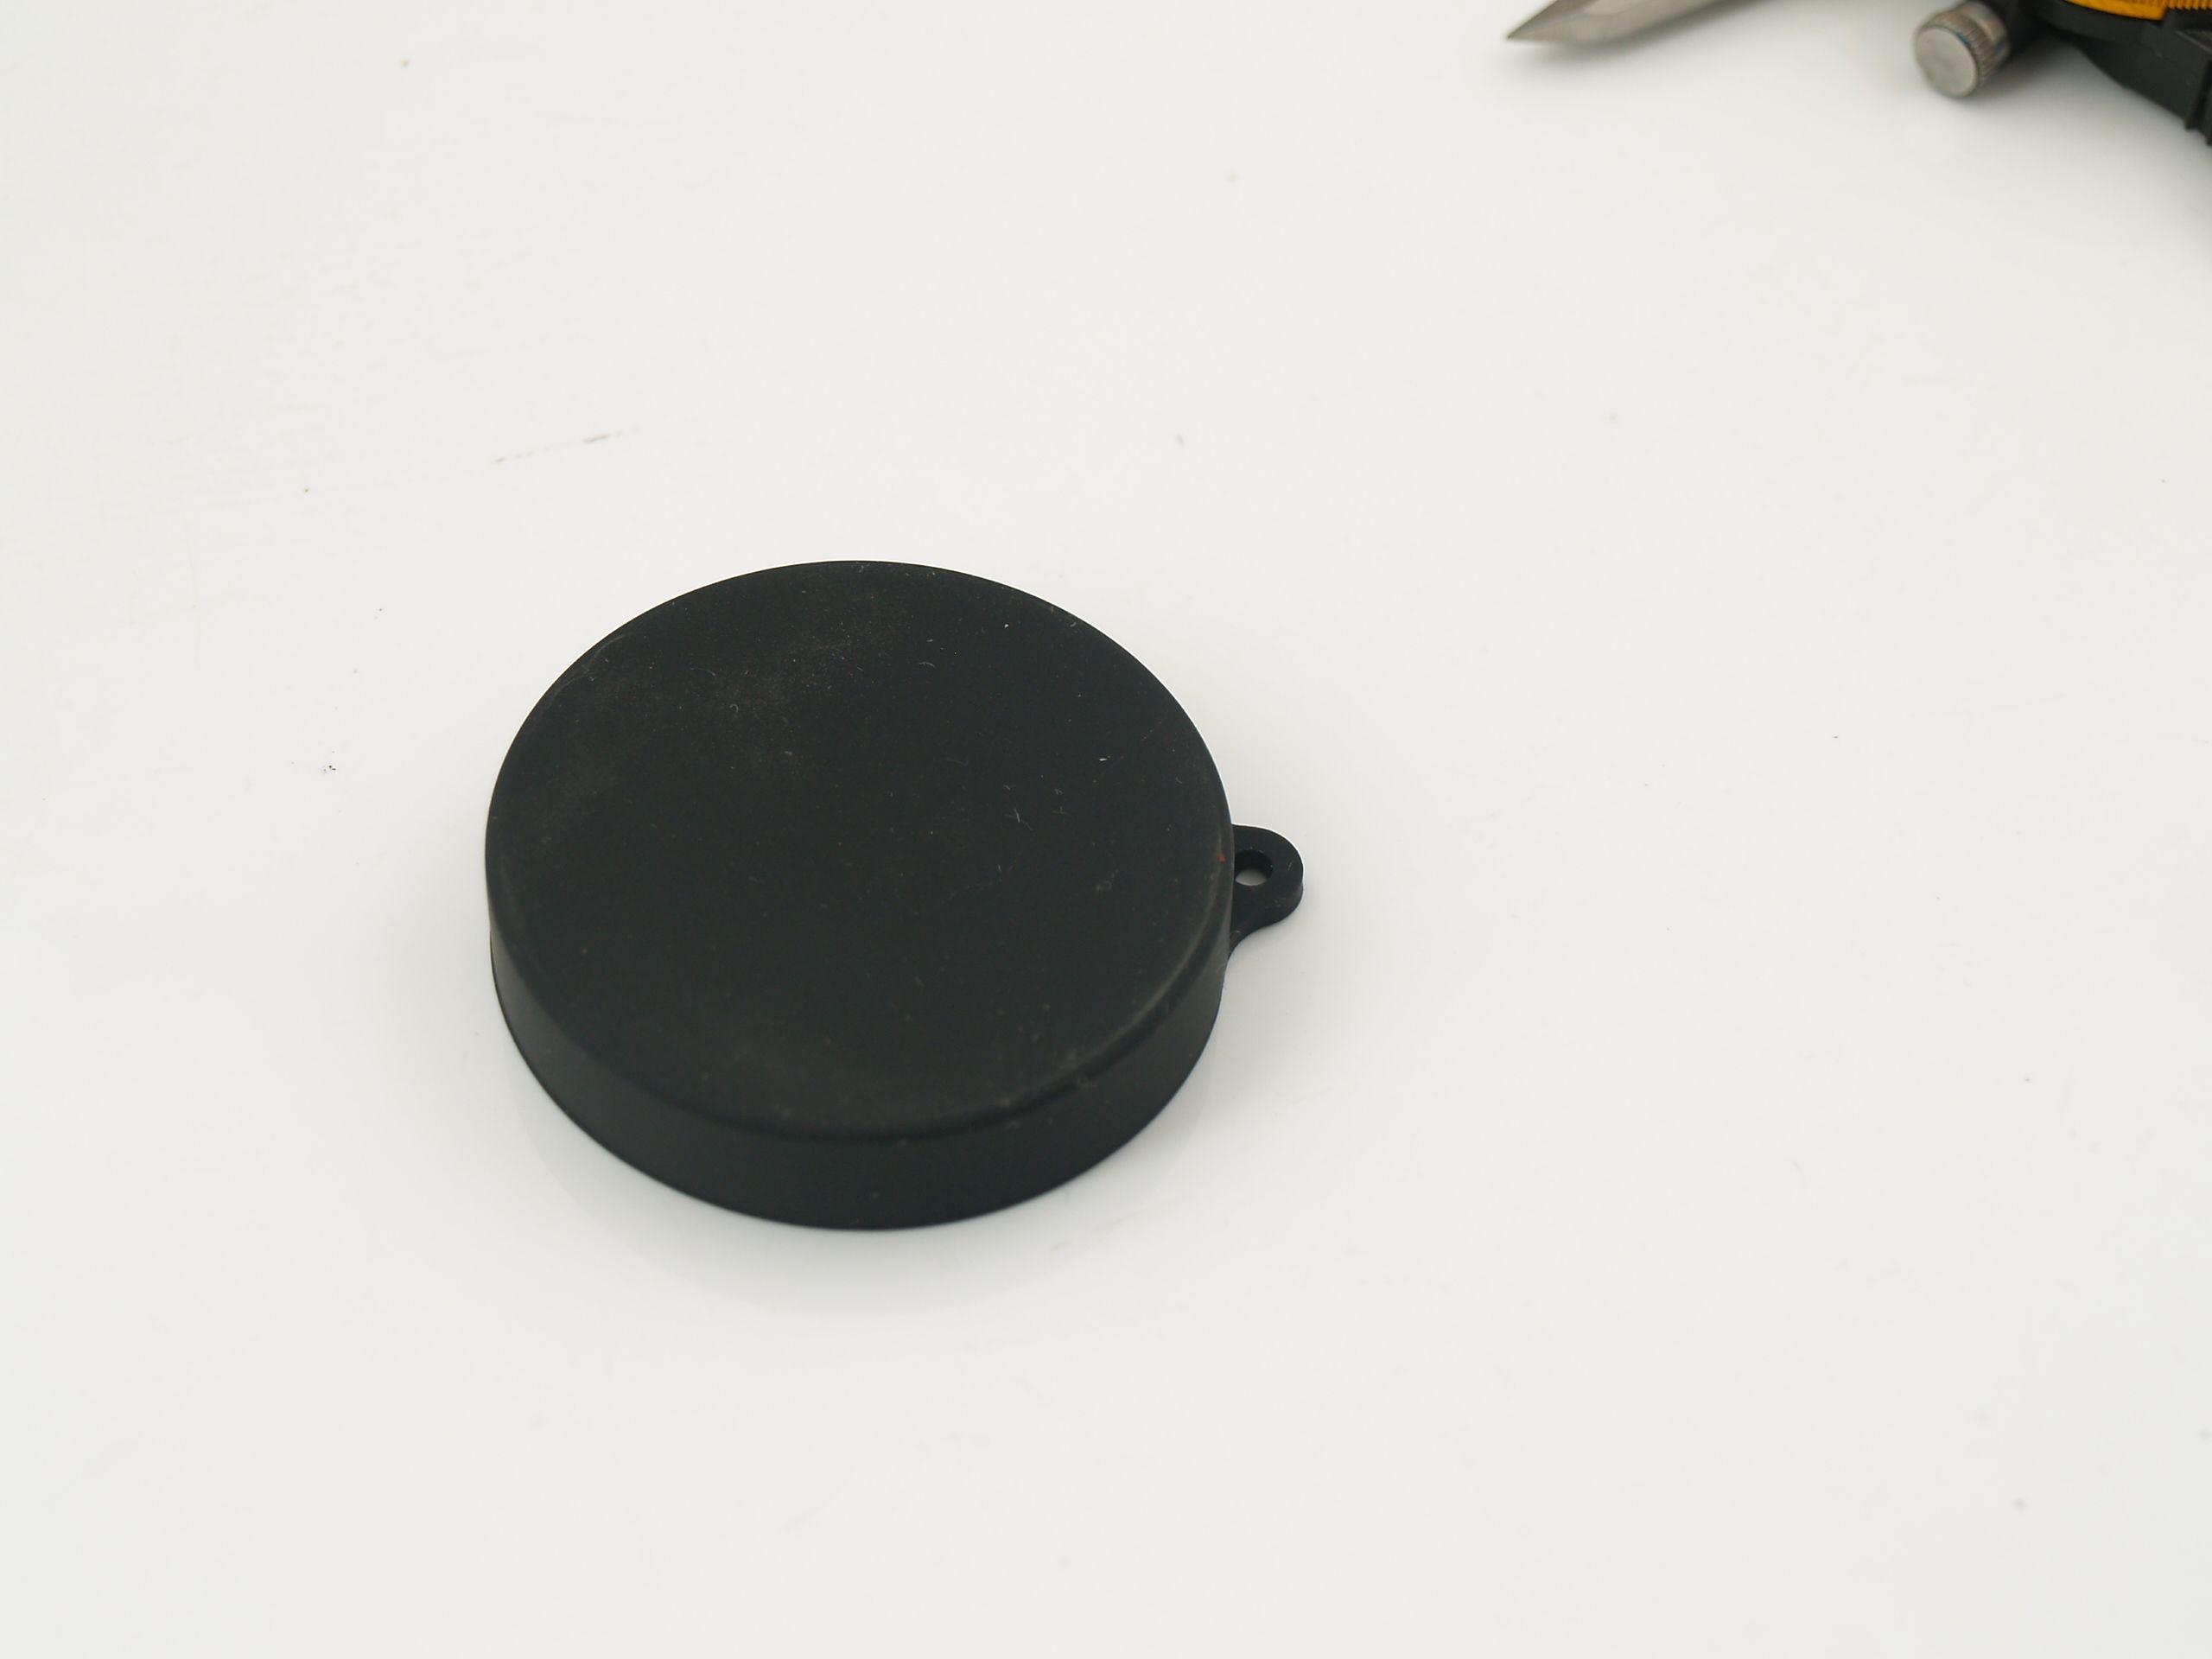 M44 copertine Lenti 44mm per smacchiatura lente reflex Scopes telescopio binoculare posteriore cappuccio parapolvere cappuccio parapolvere gomma guardia c